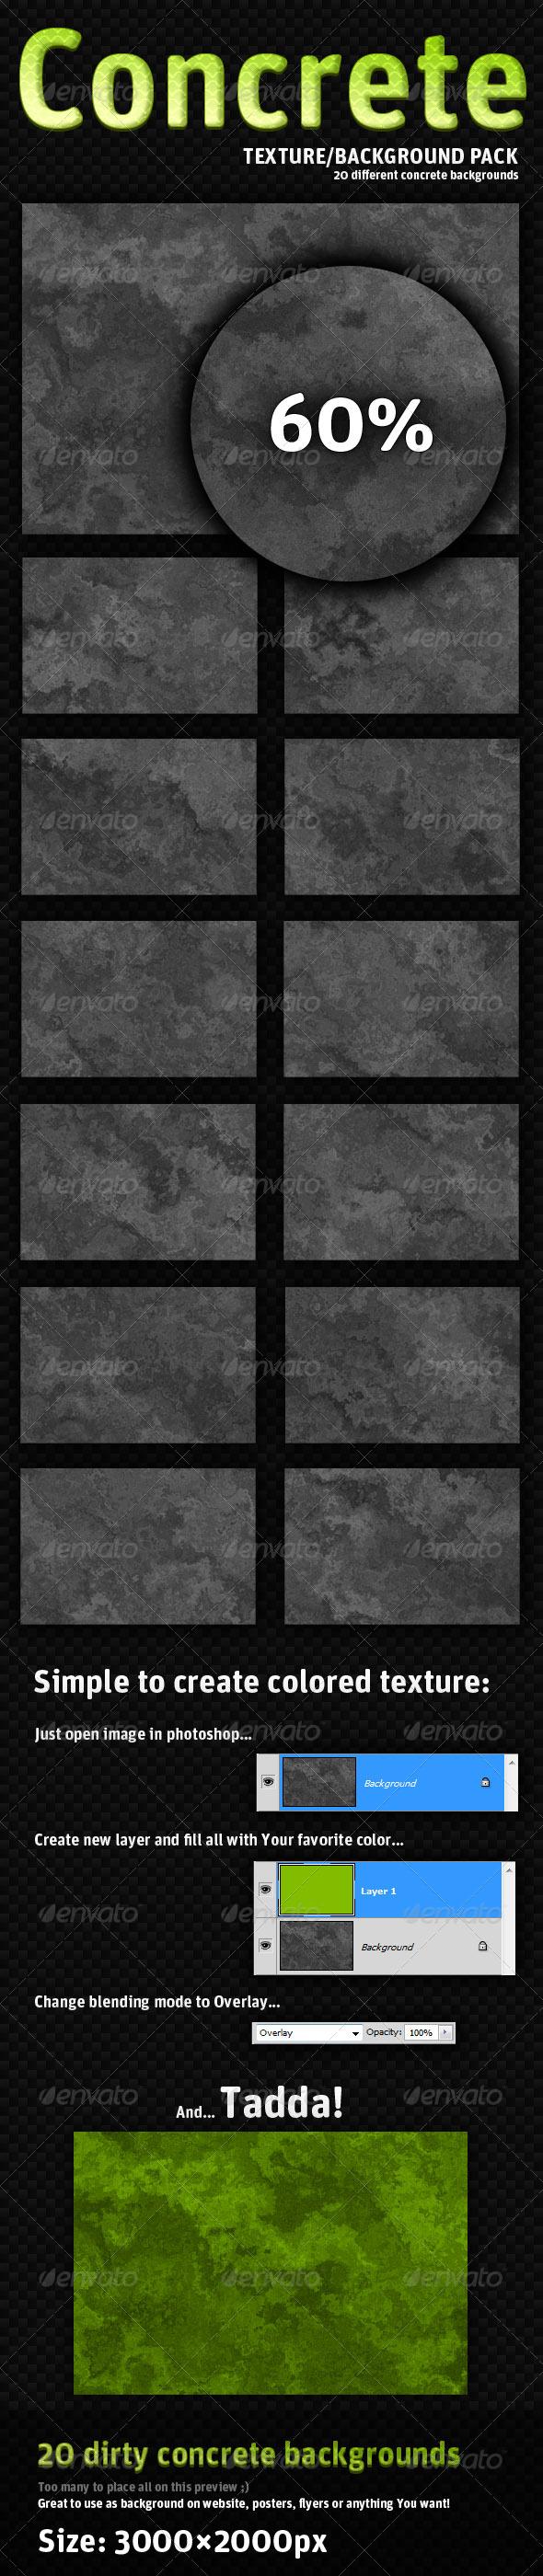 20 dirty concrete textures - Concrete Textures